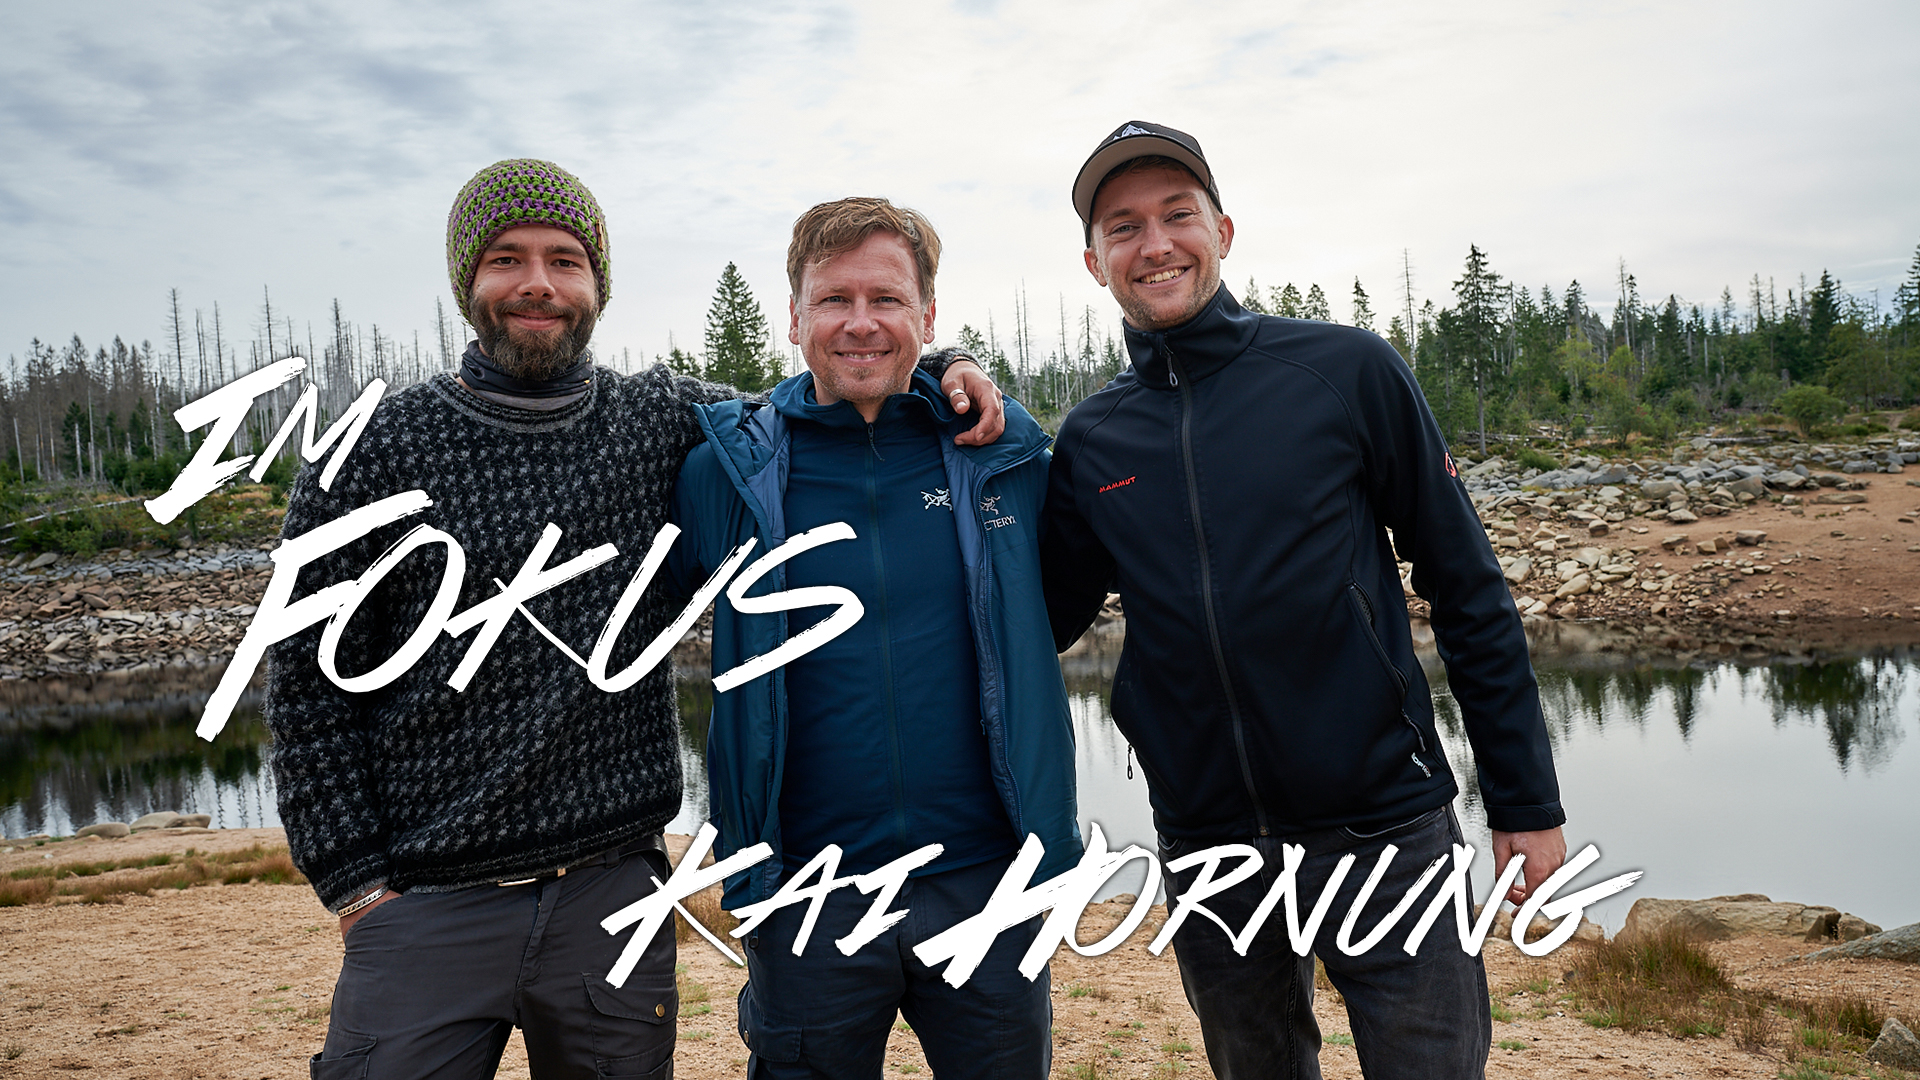 Kai Hornung im Fokus - Erfolgreich auf Instagram